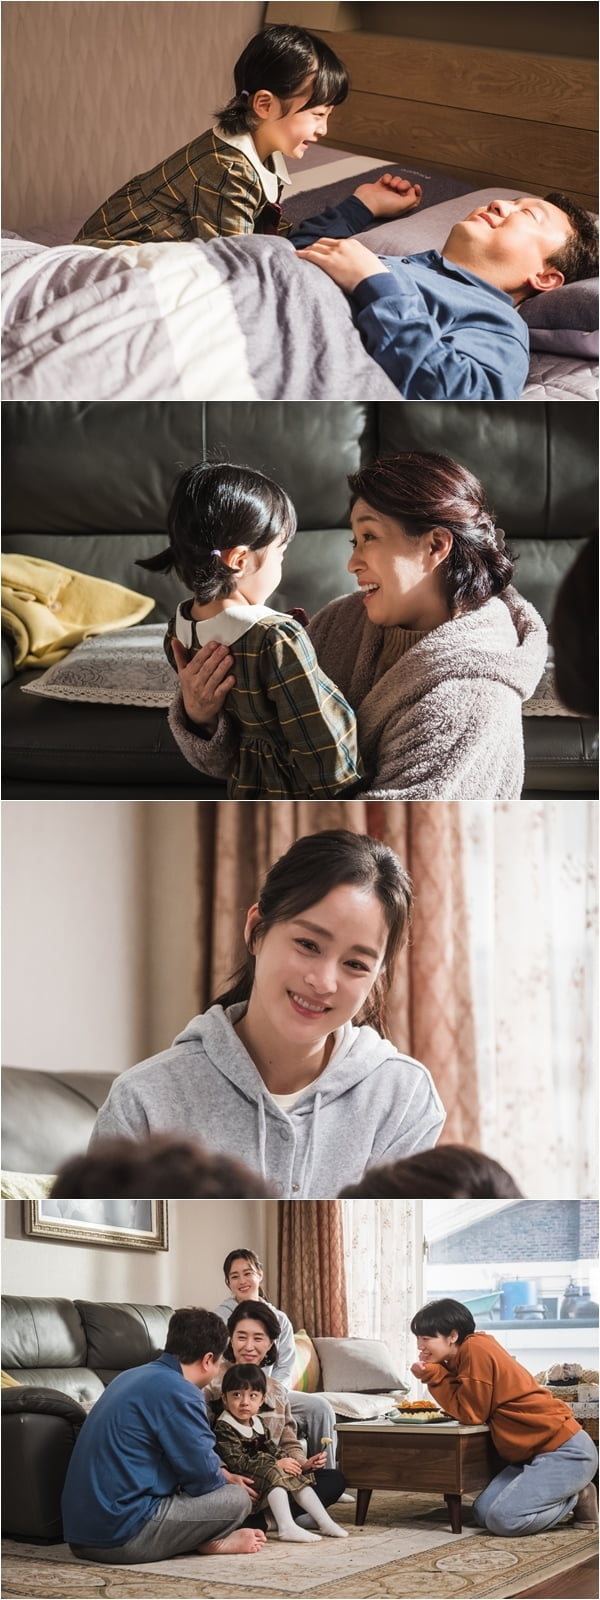 '하이바이, 마마!' 김태희, 행복한 가족들 모습에 승천 결심 흔들릴까